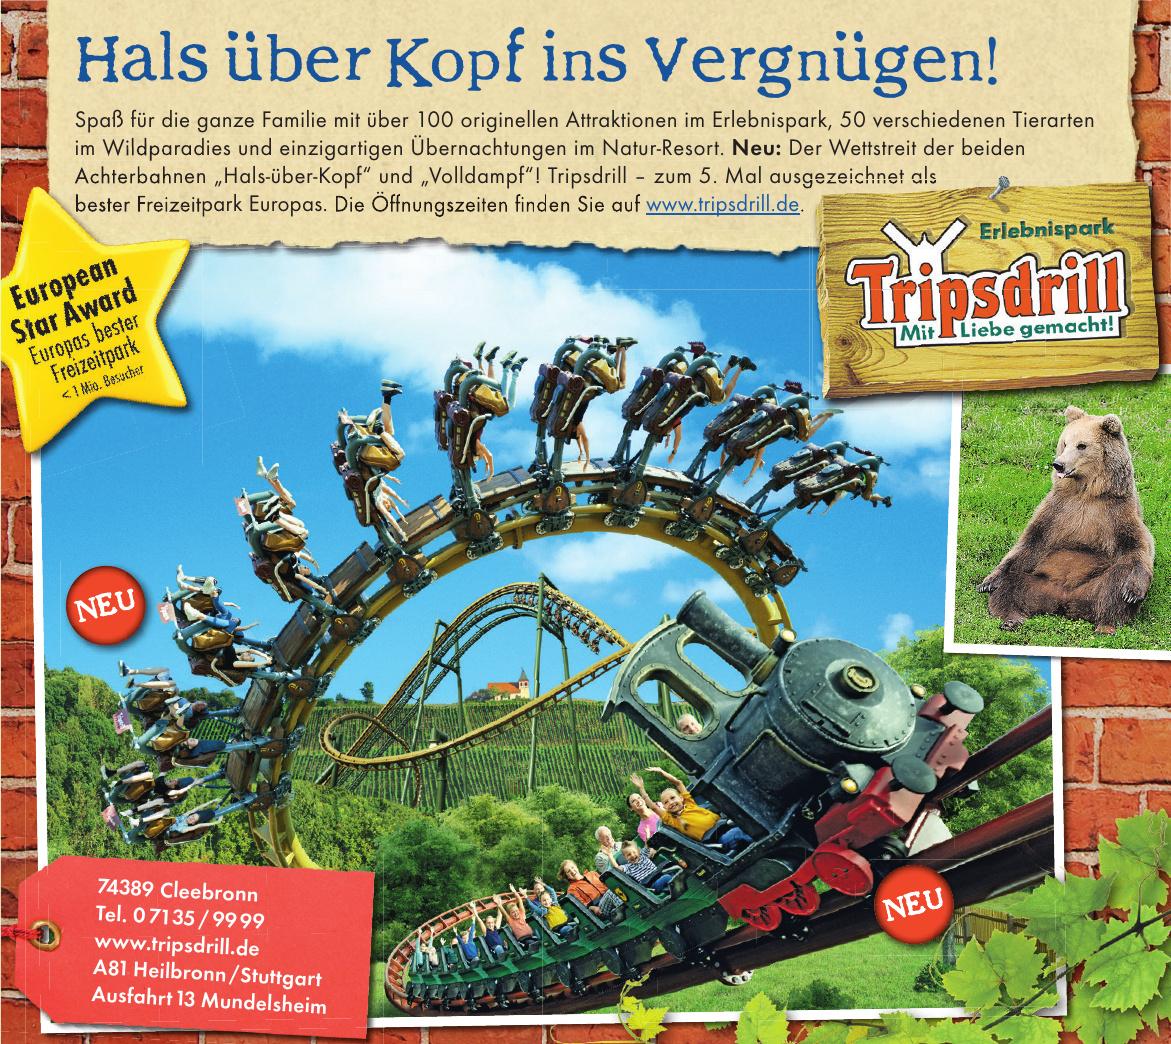 Erlebnispark-Tripsdrill